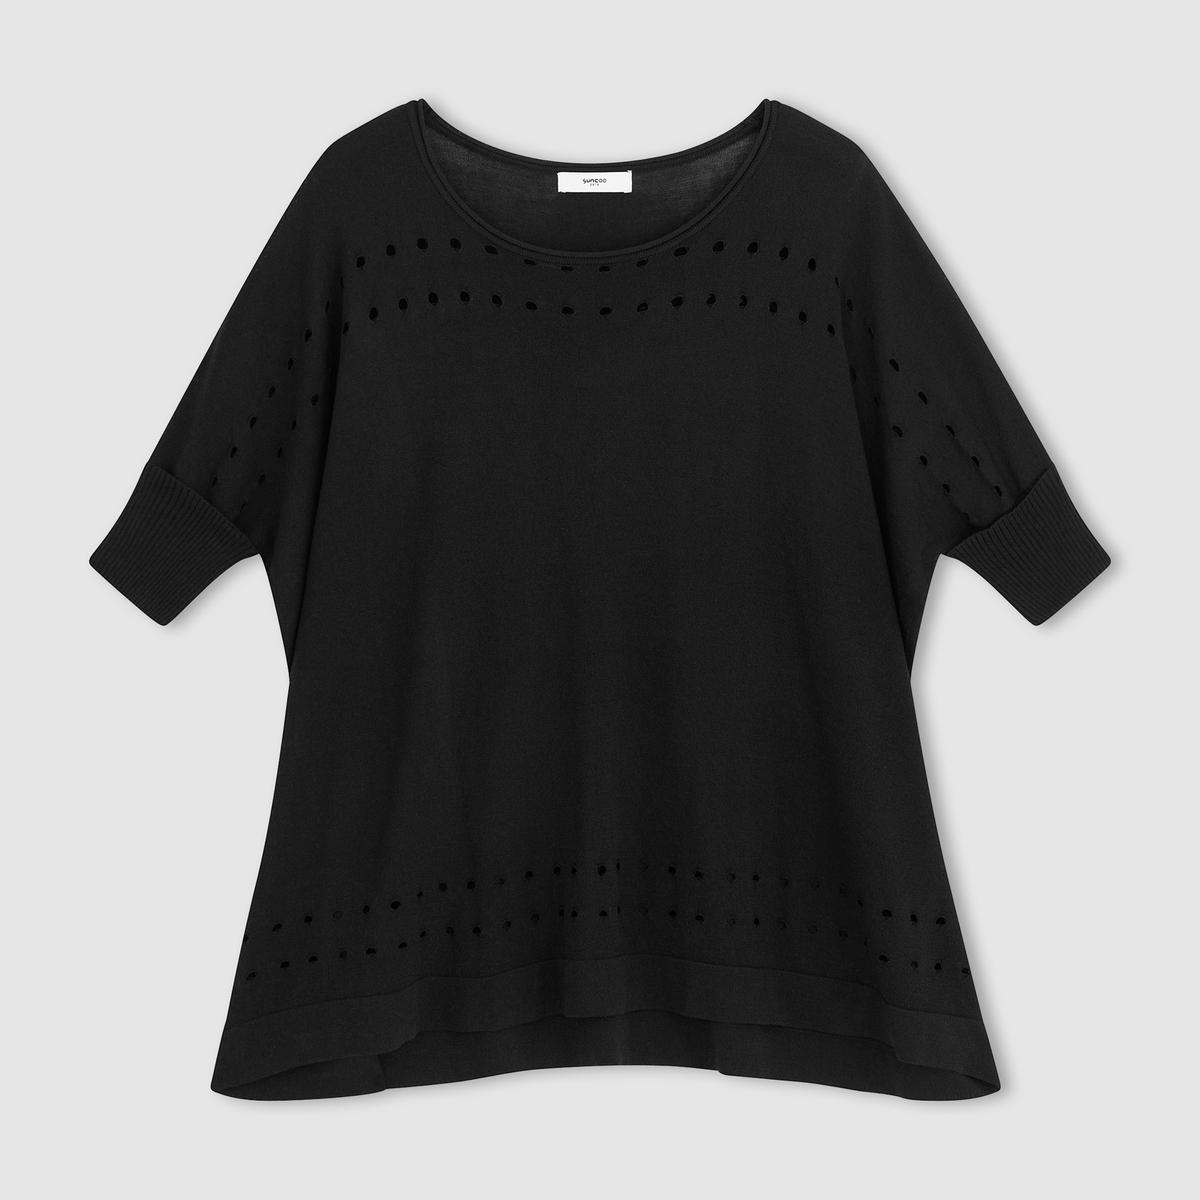 Пуловер ажурныйПуловер ажурный SUNCOO . Легкий ажурный трикотаж на рукавах, внизу и вокруг выреза-лодочки . Состав и описаниеМатериал 65% вискозы, 35% полиамида Марка SUNCOO<br><br>Цвет: черный<br>Размер: S